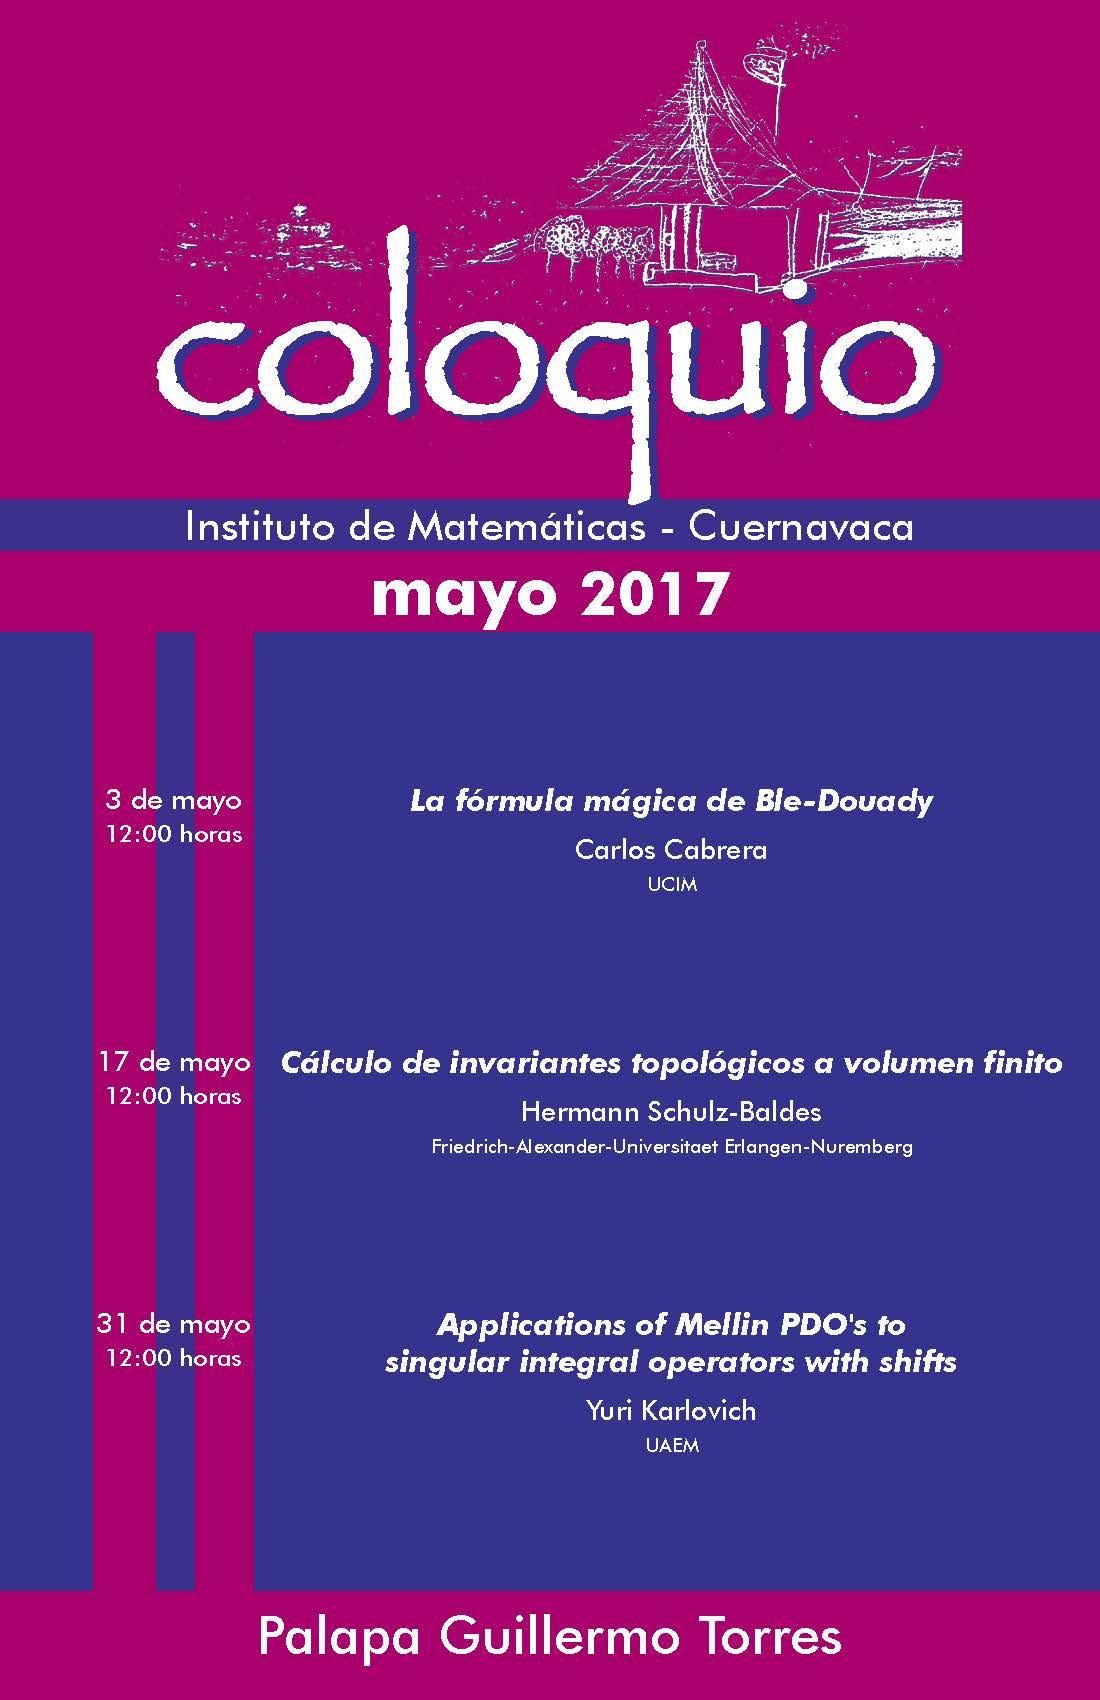 Mayo: Sesiones para Coloquio de la Unidad Cuernavaca